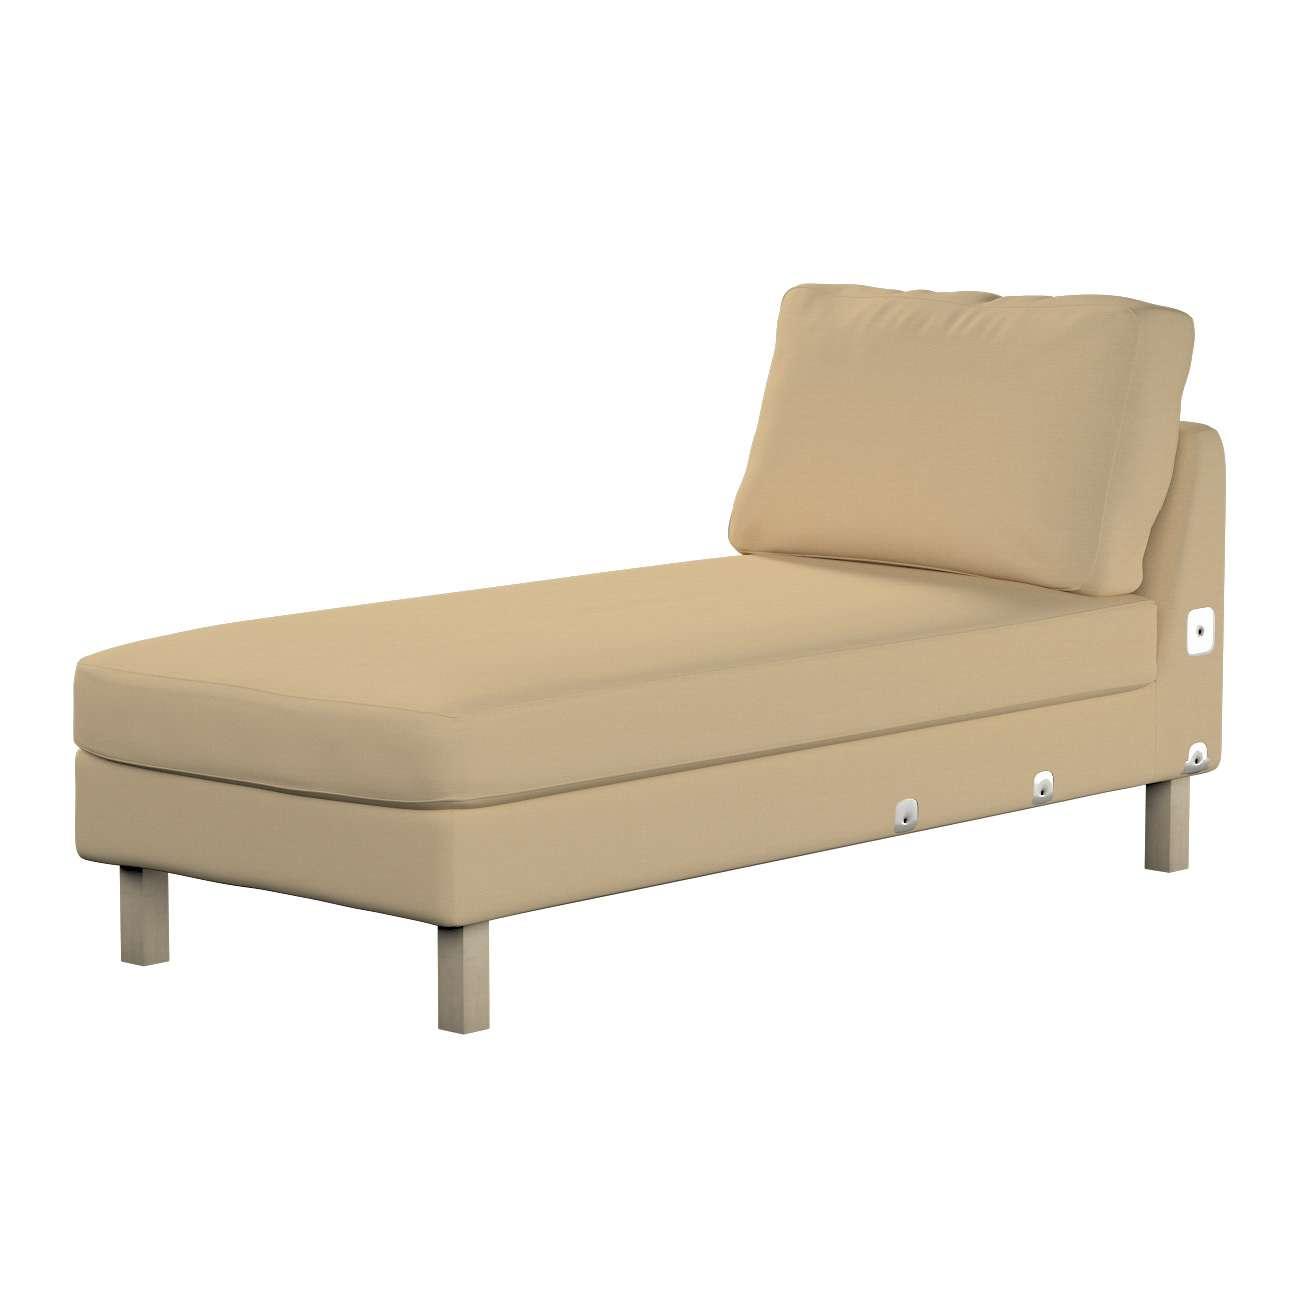 KARSLTAD sofos gulimojo krėslo užvalkalas Karlstad add-on unit cover kolekcijoje Cotton Panama, audinys: 702-01